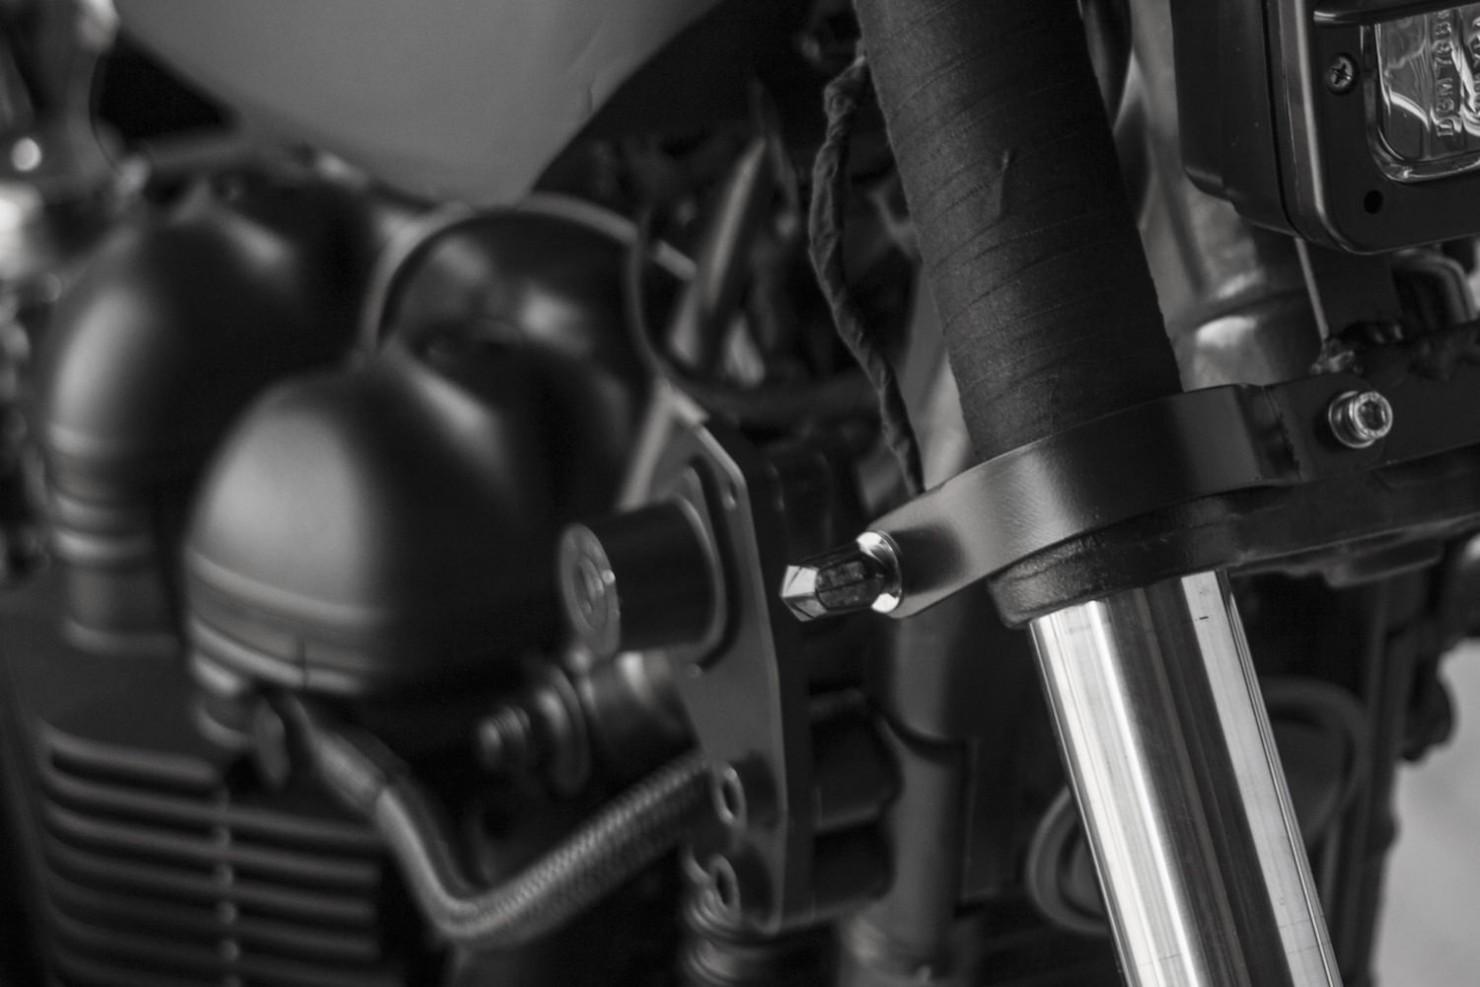 Triumph-Scrambler-Motorbike-11